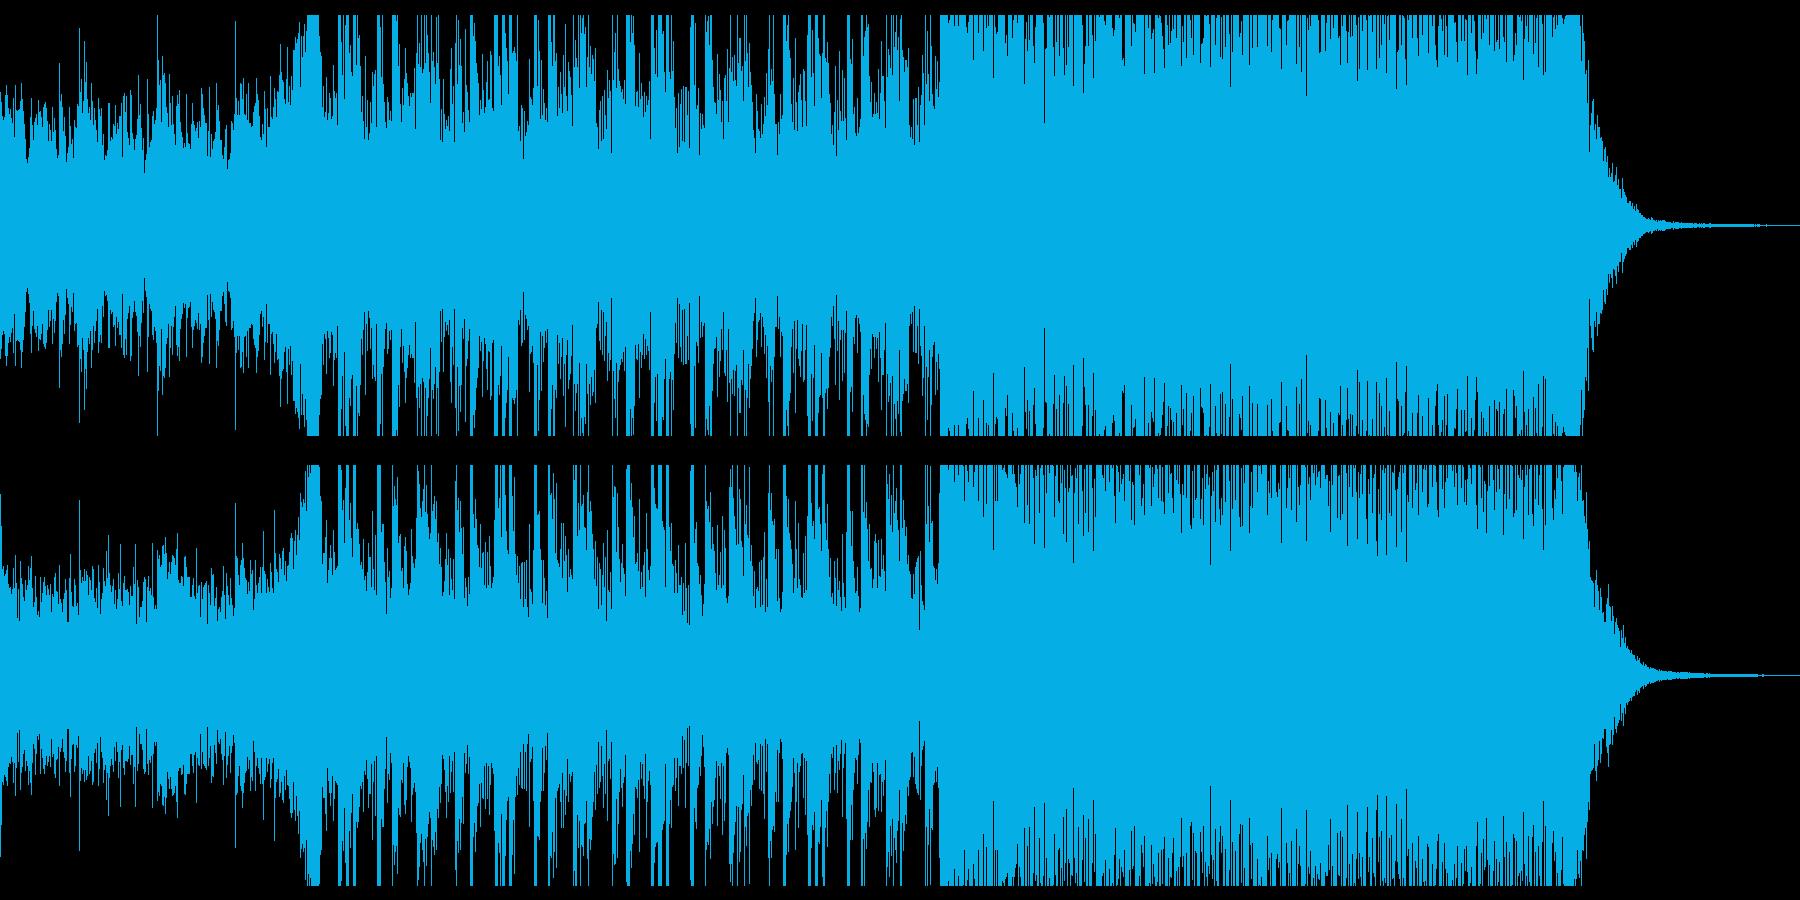 不思議な雰囲気のピアノインストの再生済みの波形